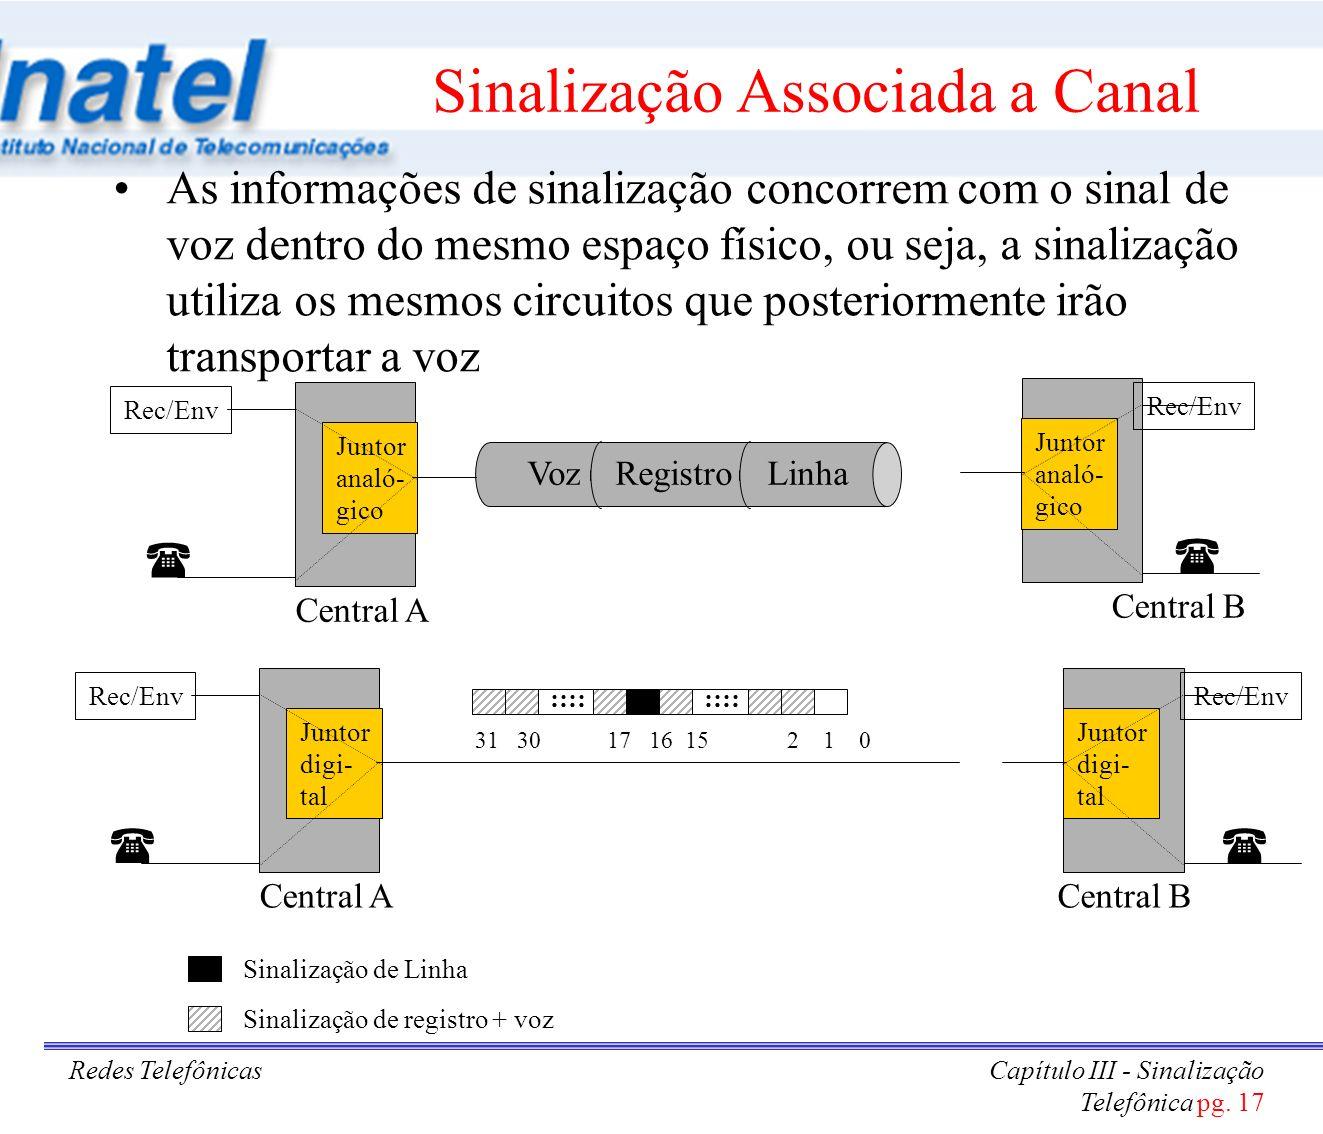 Redes TelefônicasCapítulo III - Sinalização Telefônica pg. 17 Sinalização Associada a Canal As informações de sinalização concorrem com o sinal de voz